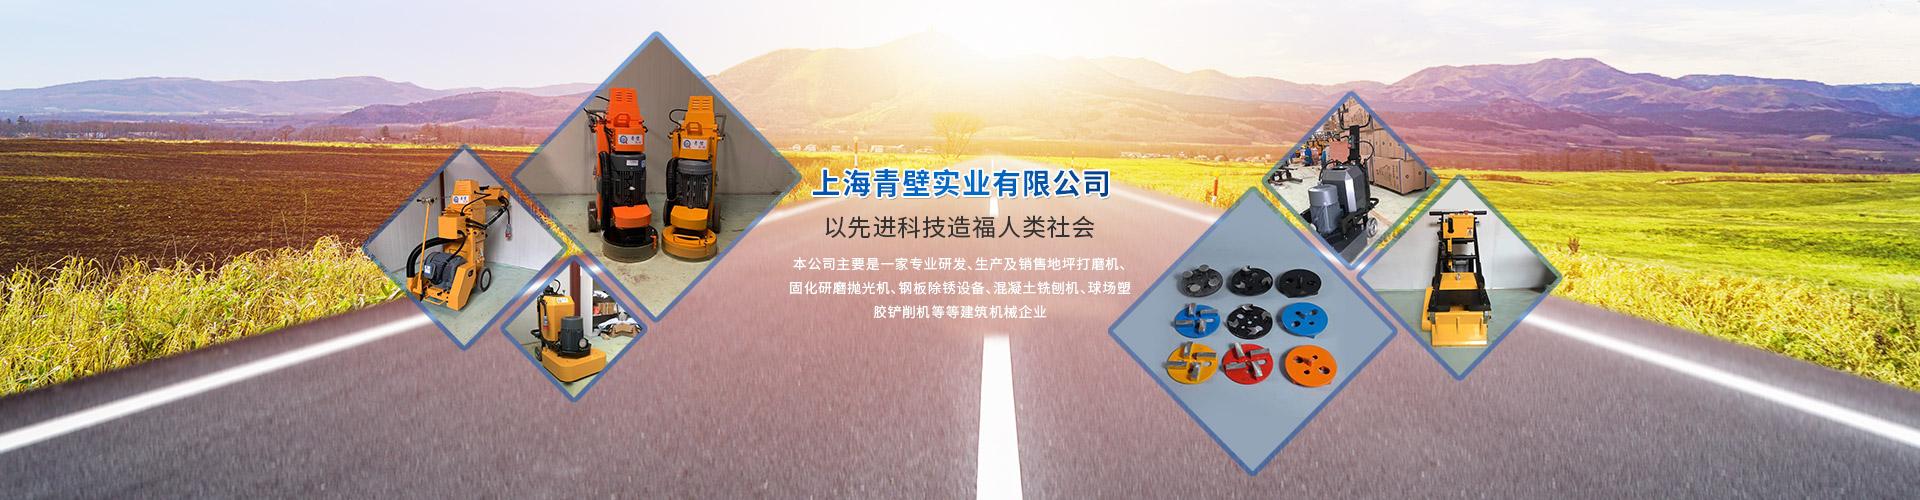 上海青壁实业有限公司